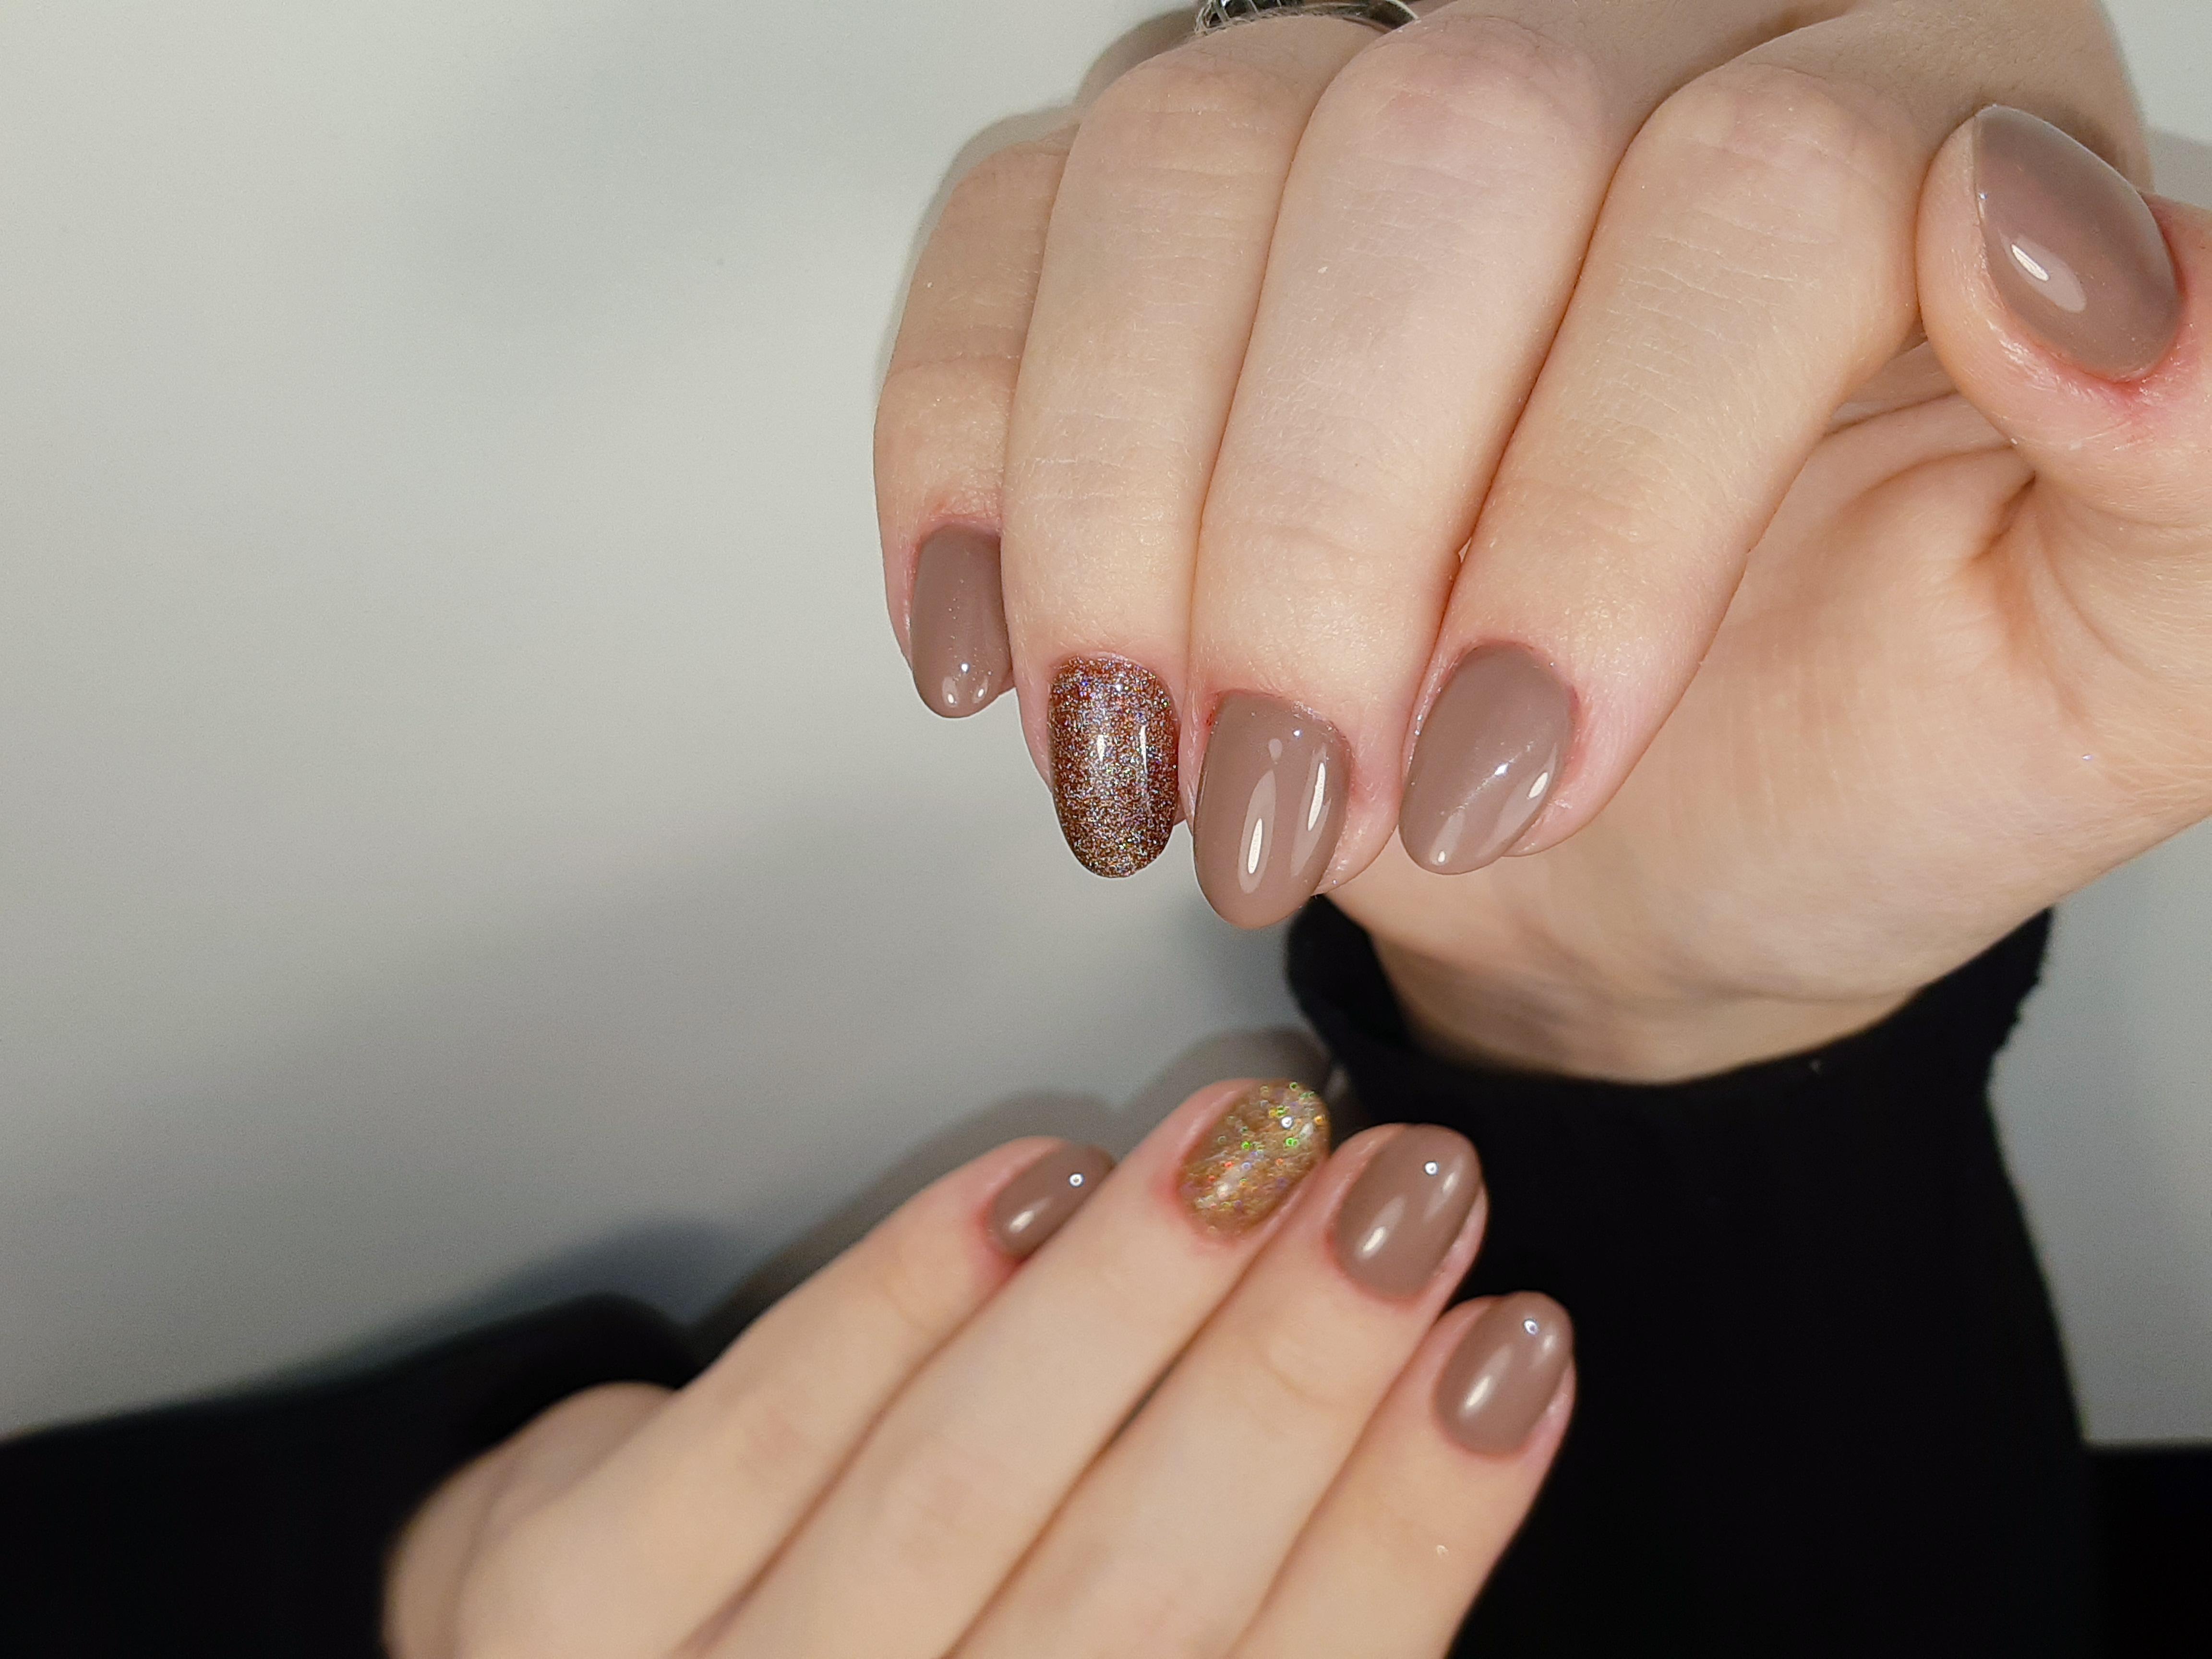 Маникюр с блестками в коричневом цвете на короткие ногти.